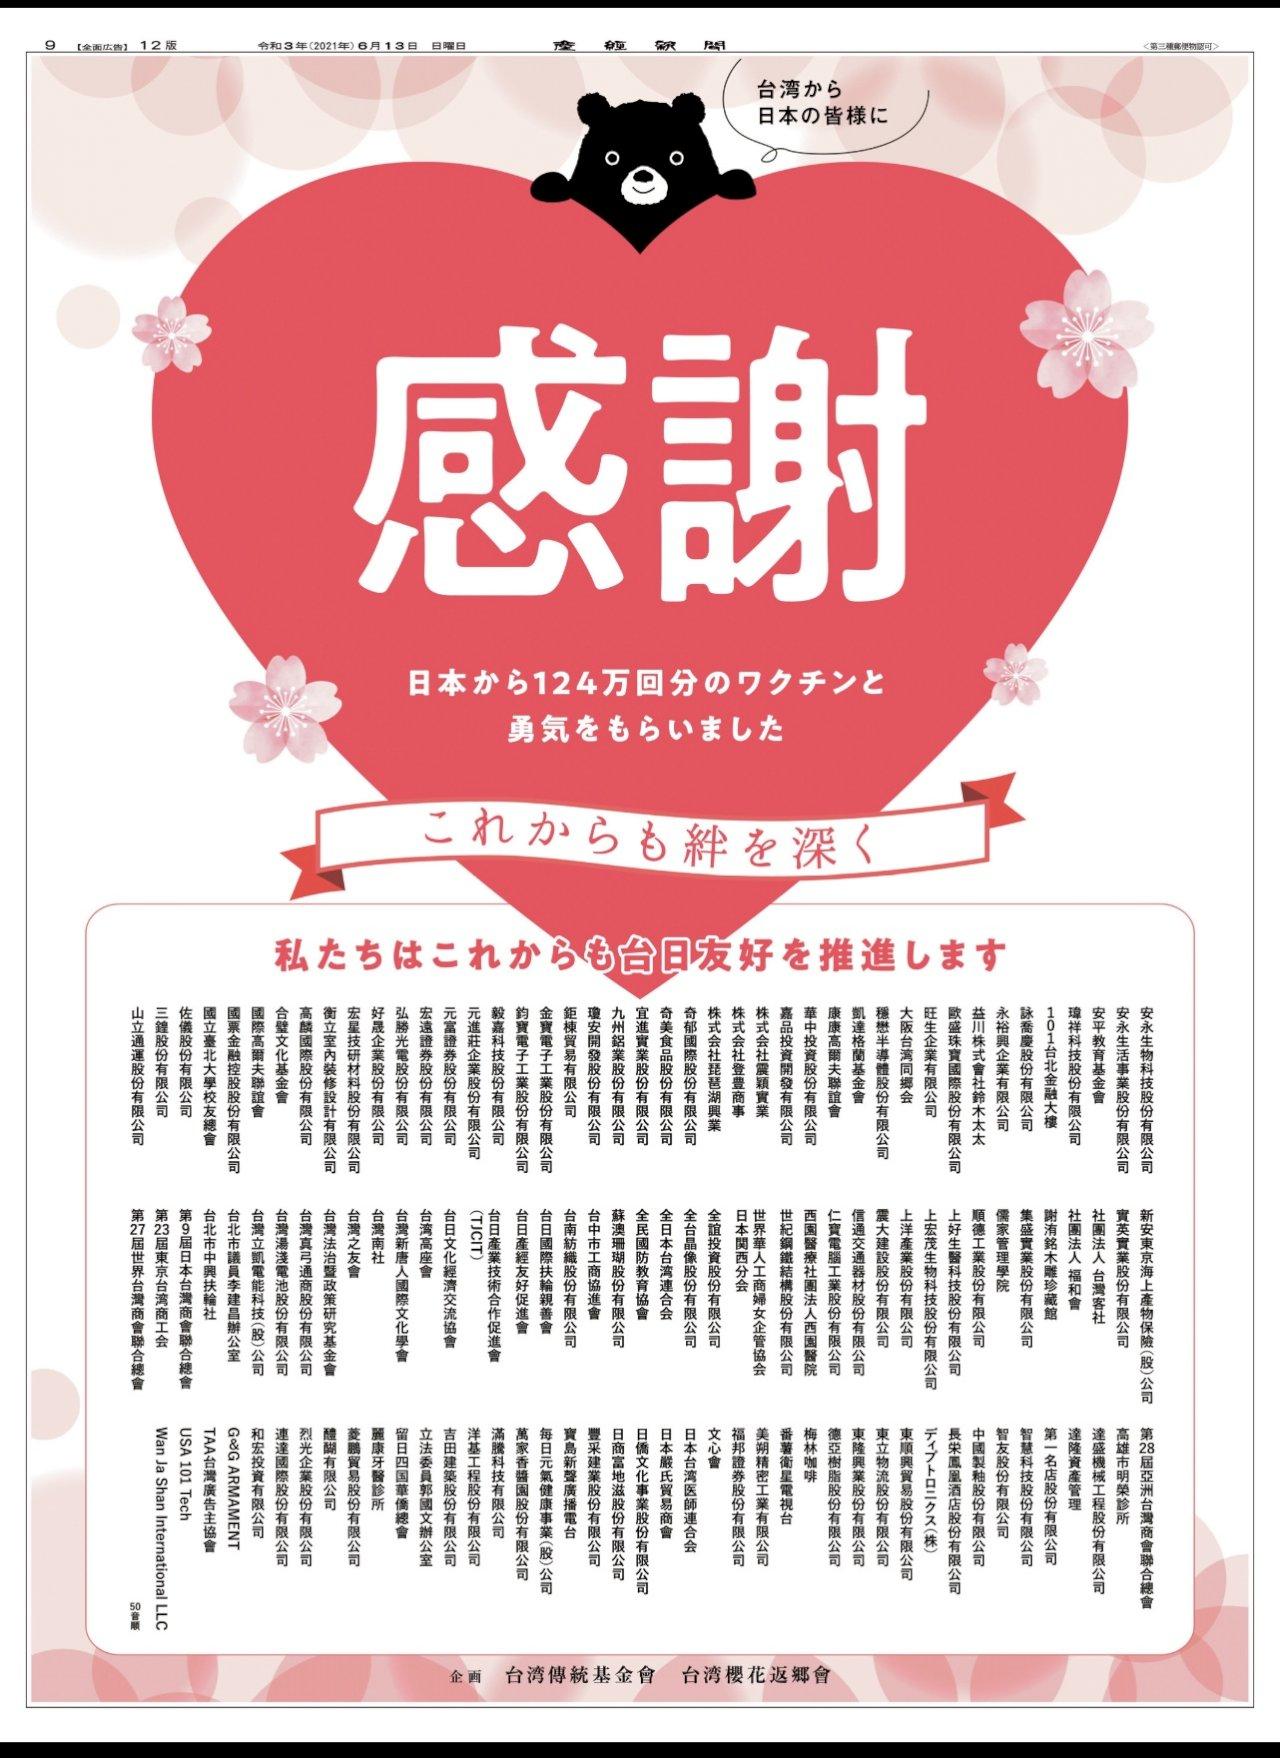 感謝日本!台灣各界募資一天達標 今在產經新聞刊登全版廣告